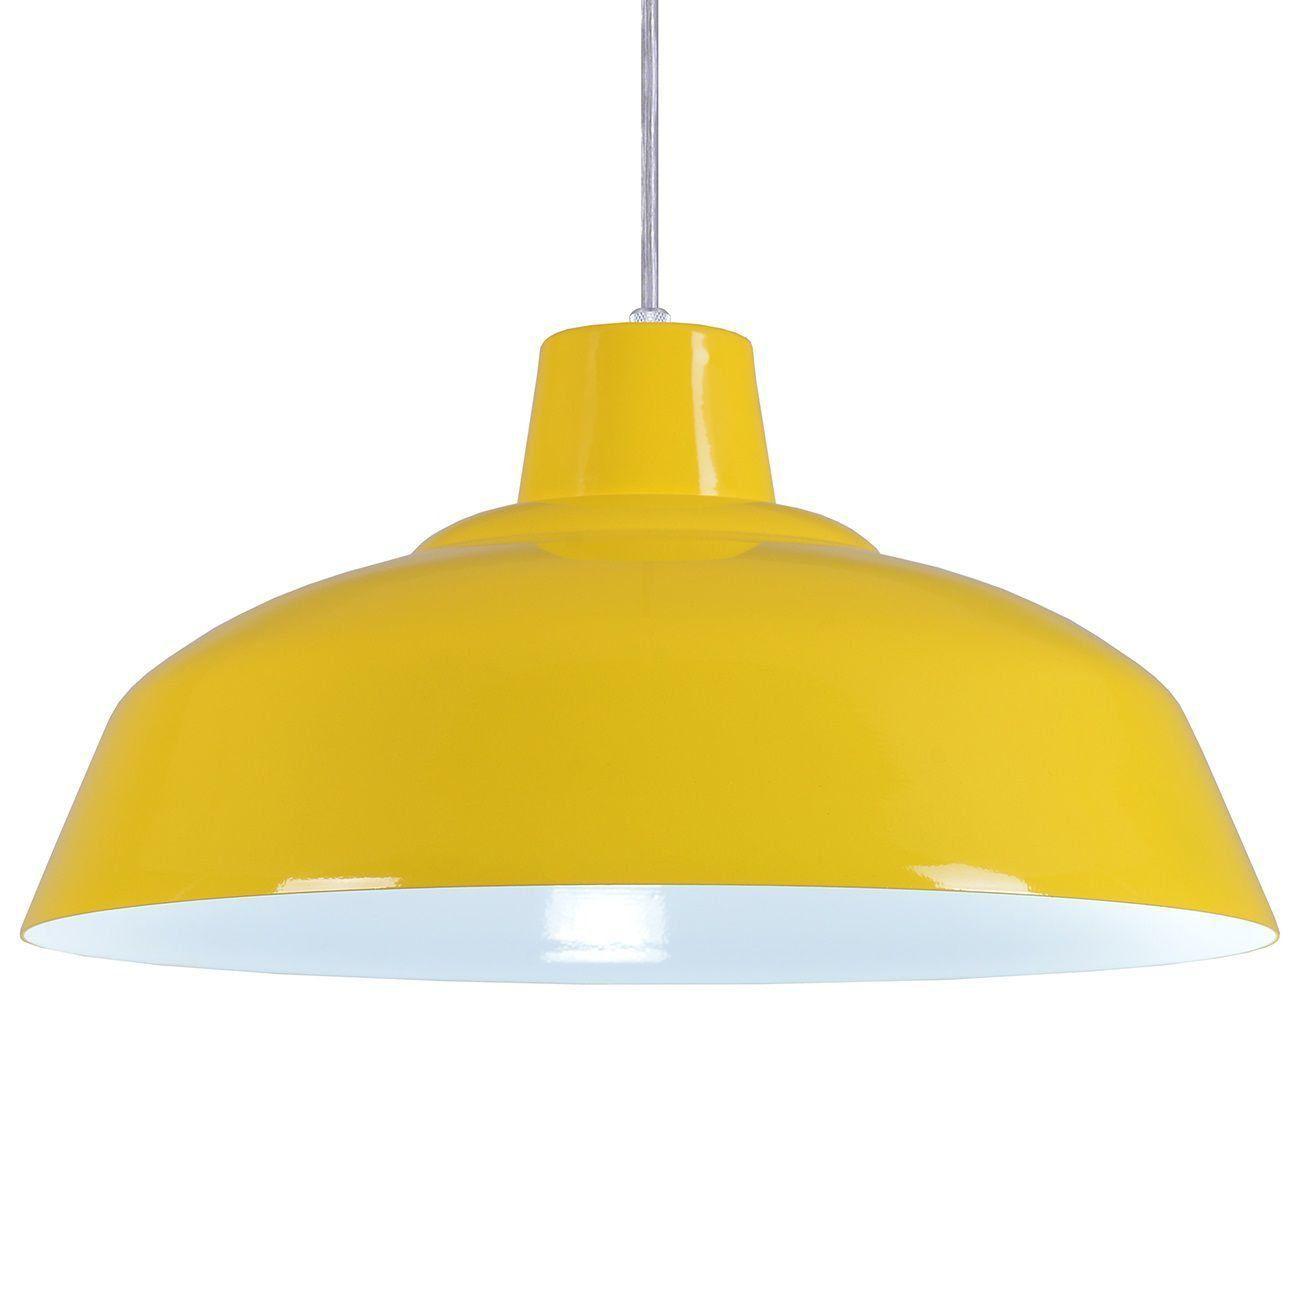 Pendente Retrô 34cm Luminária Lustre Alumínio Amarelo - Rei Da Iluminação